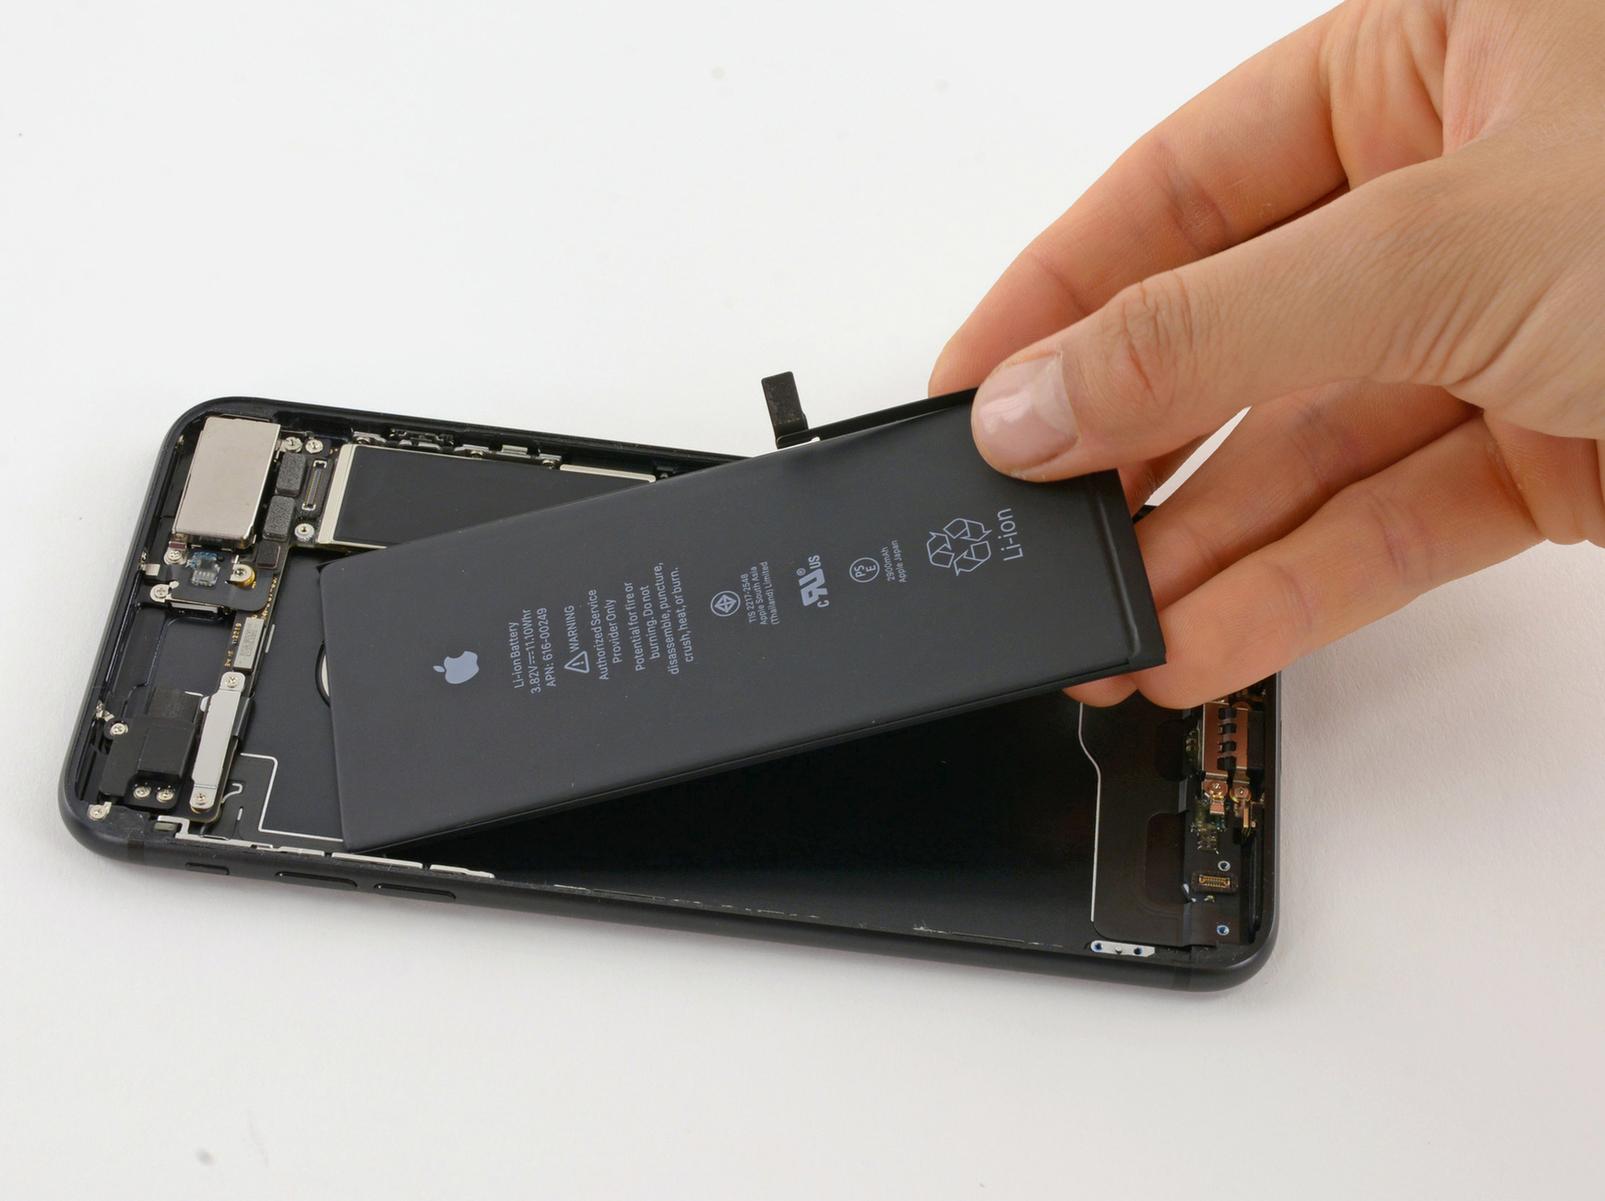 Замена аккумулятора на «Айфон» 7: быстро, недорого и качественно